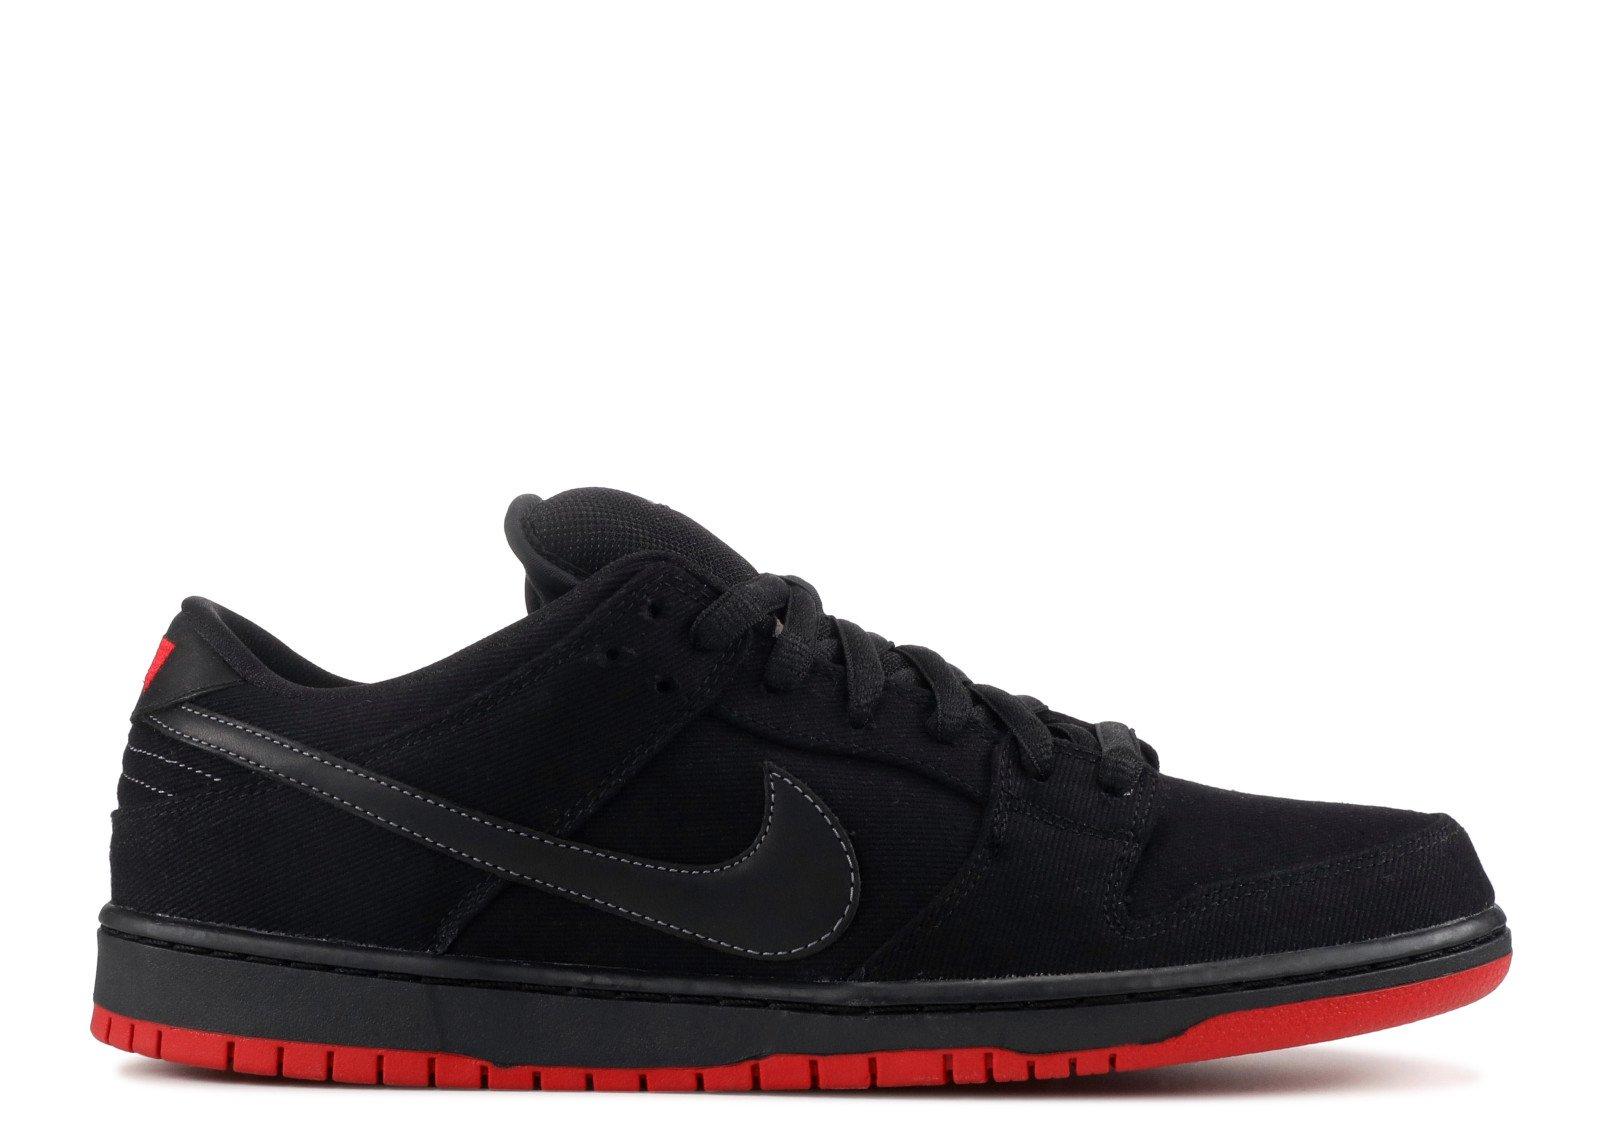 Levi's x Nike SB Dunk Low